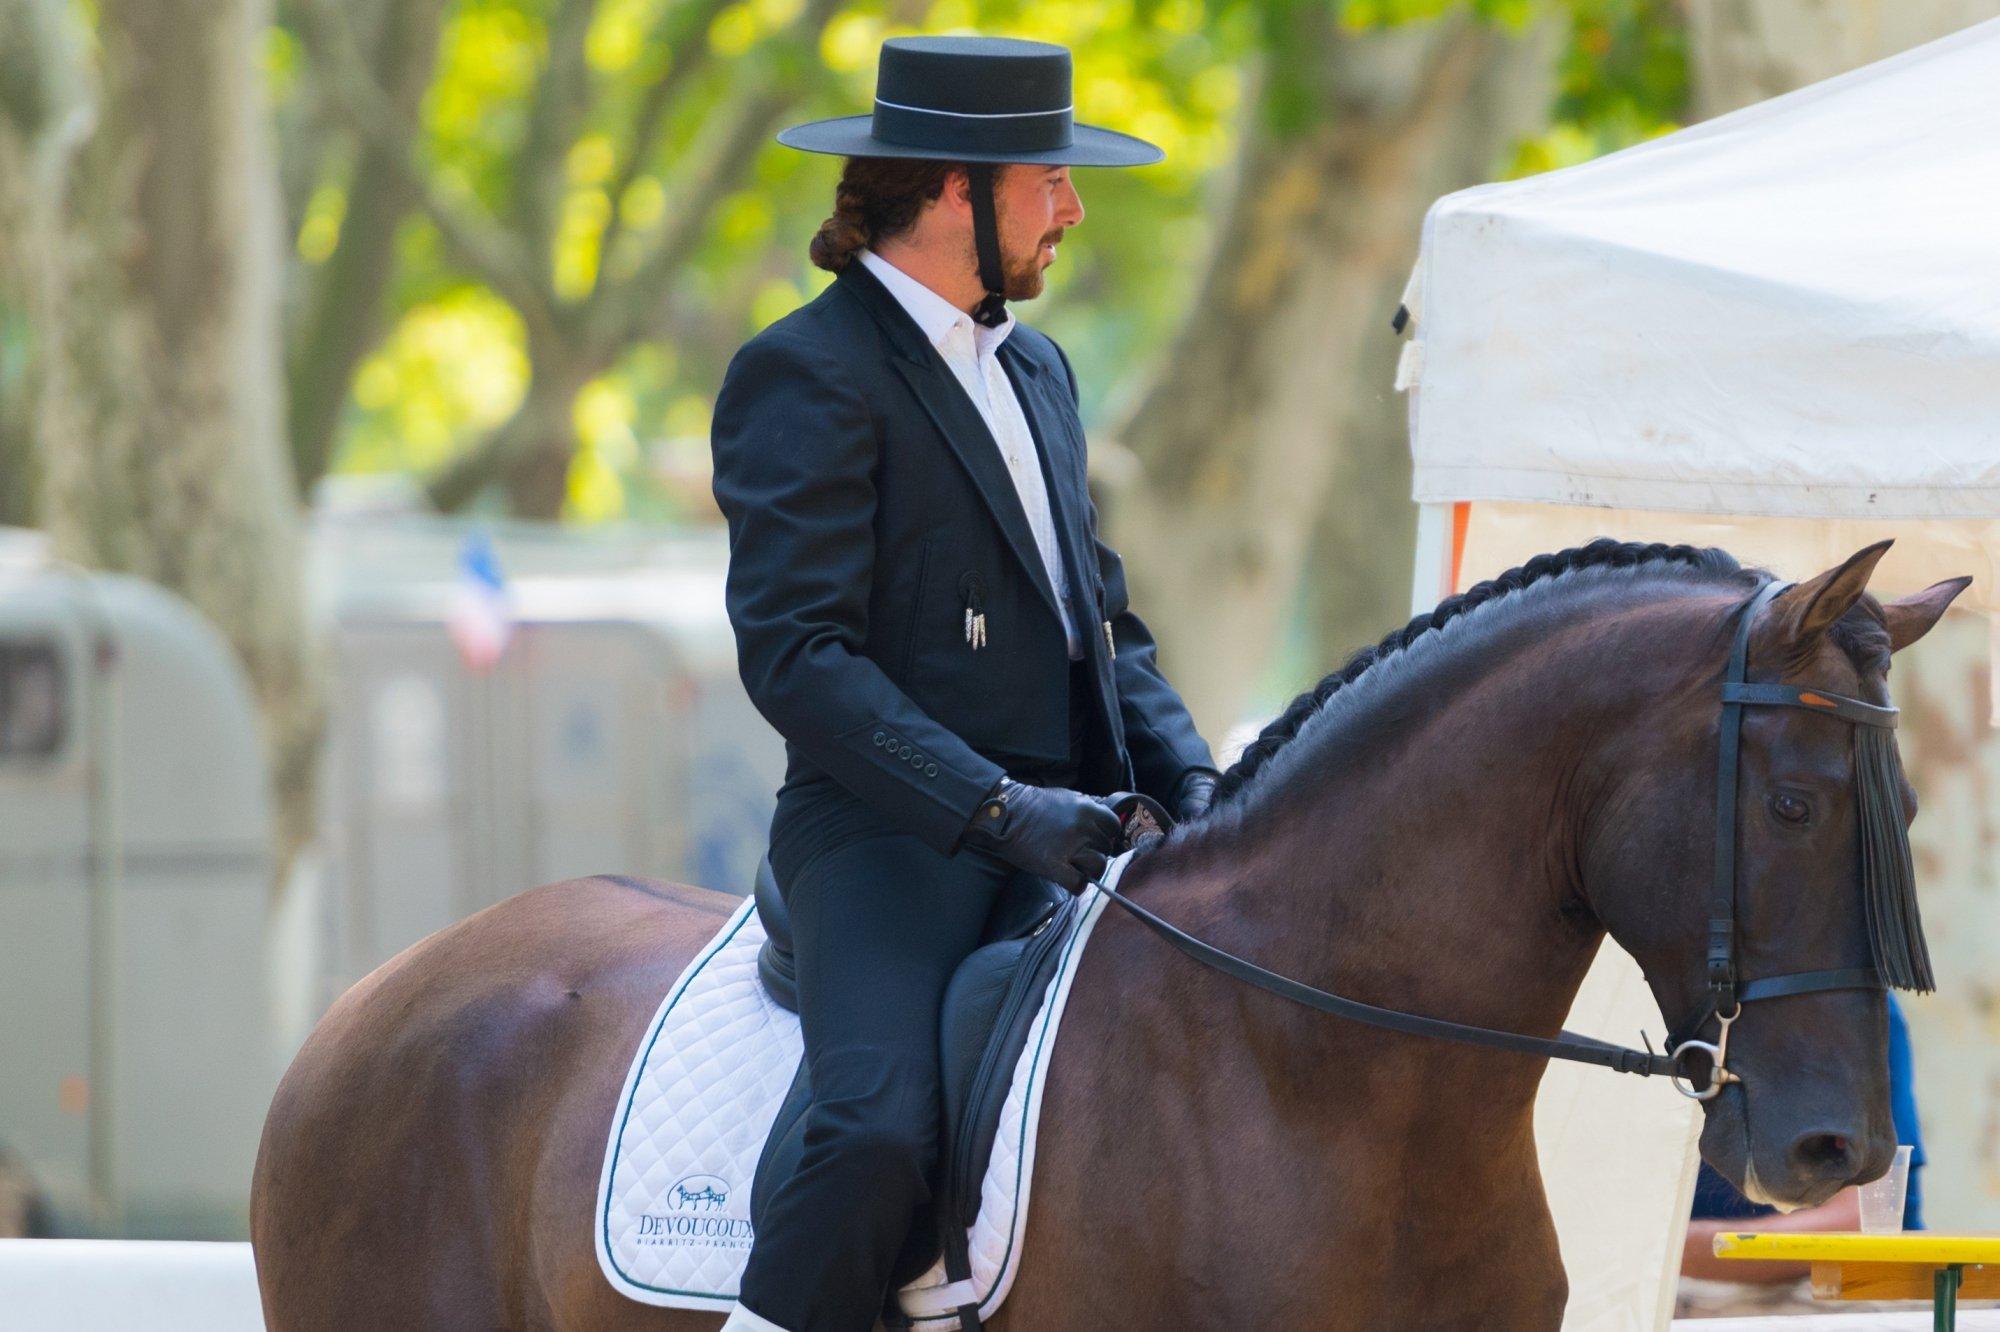 Herpes-Impfpflicht für Turnierpferde, Herpes Pferde, Gesundheit, Impfpflicht Turnierpferde, Barockturniere